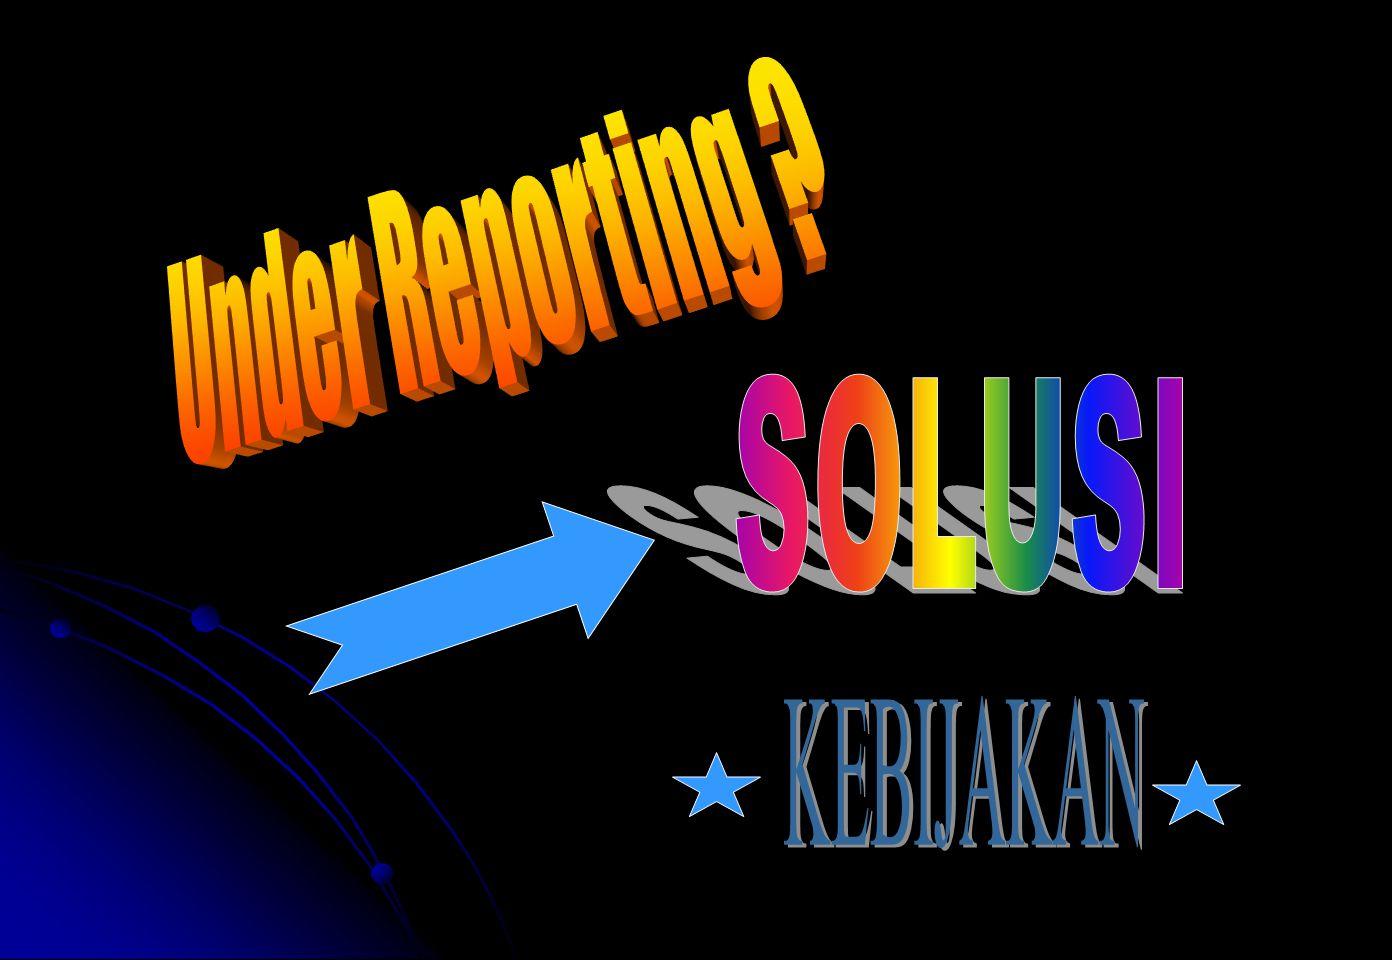 Under Reporting SOLUSI KEBIJAKAN